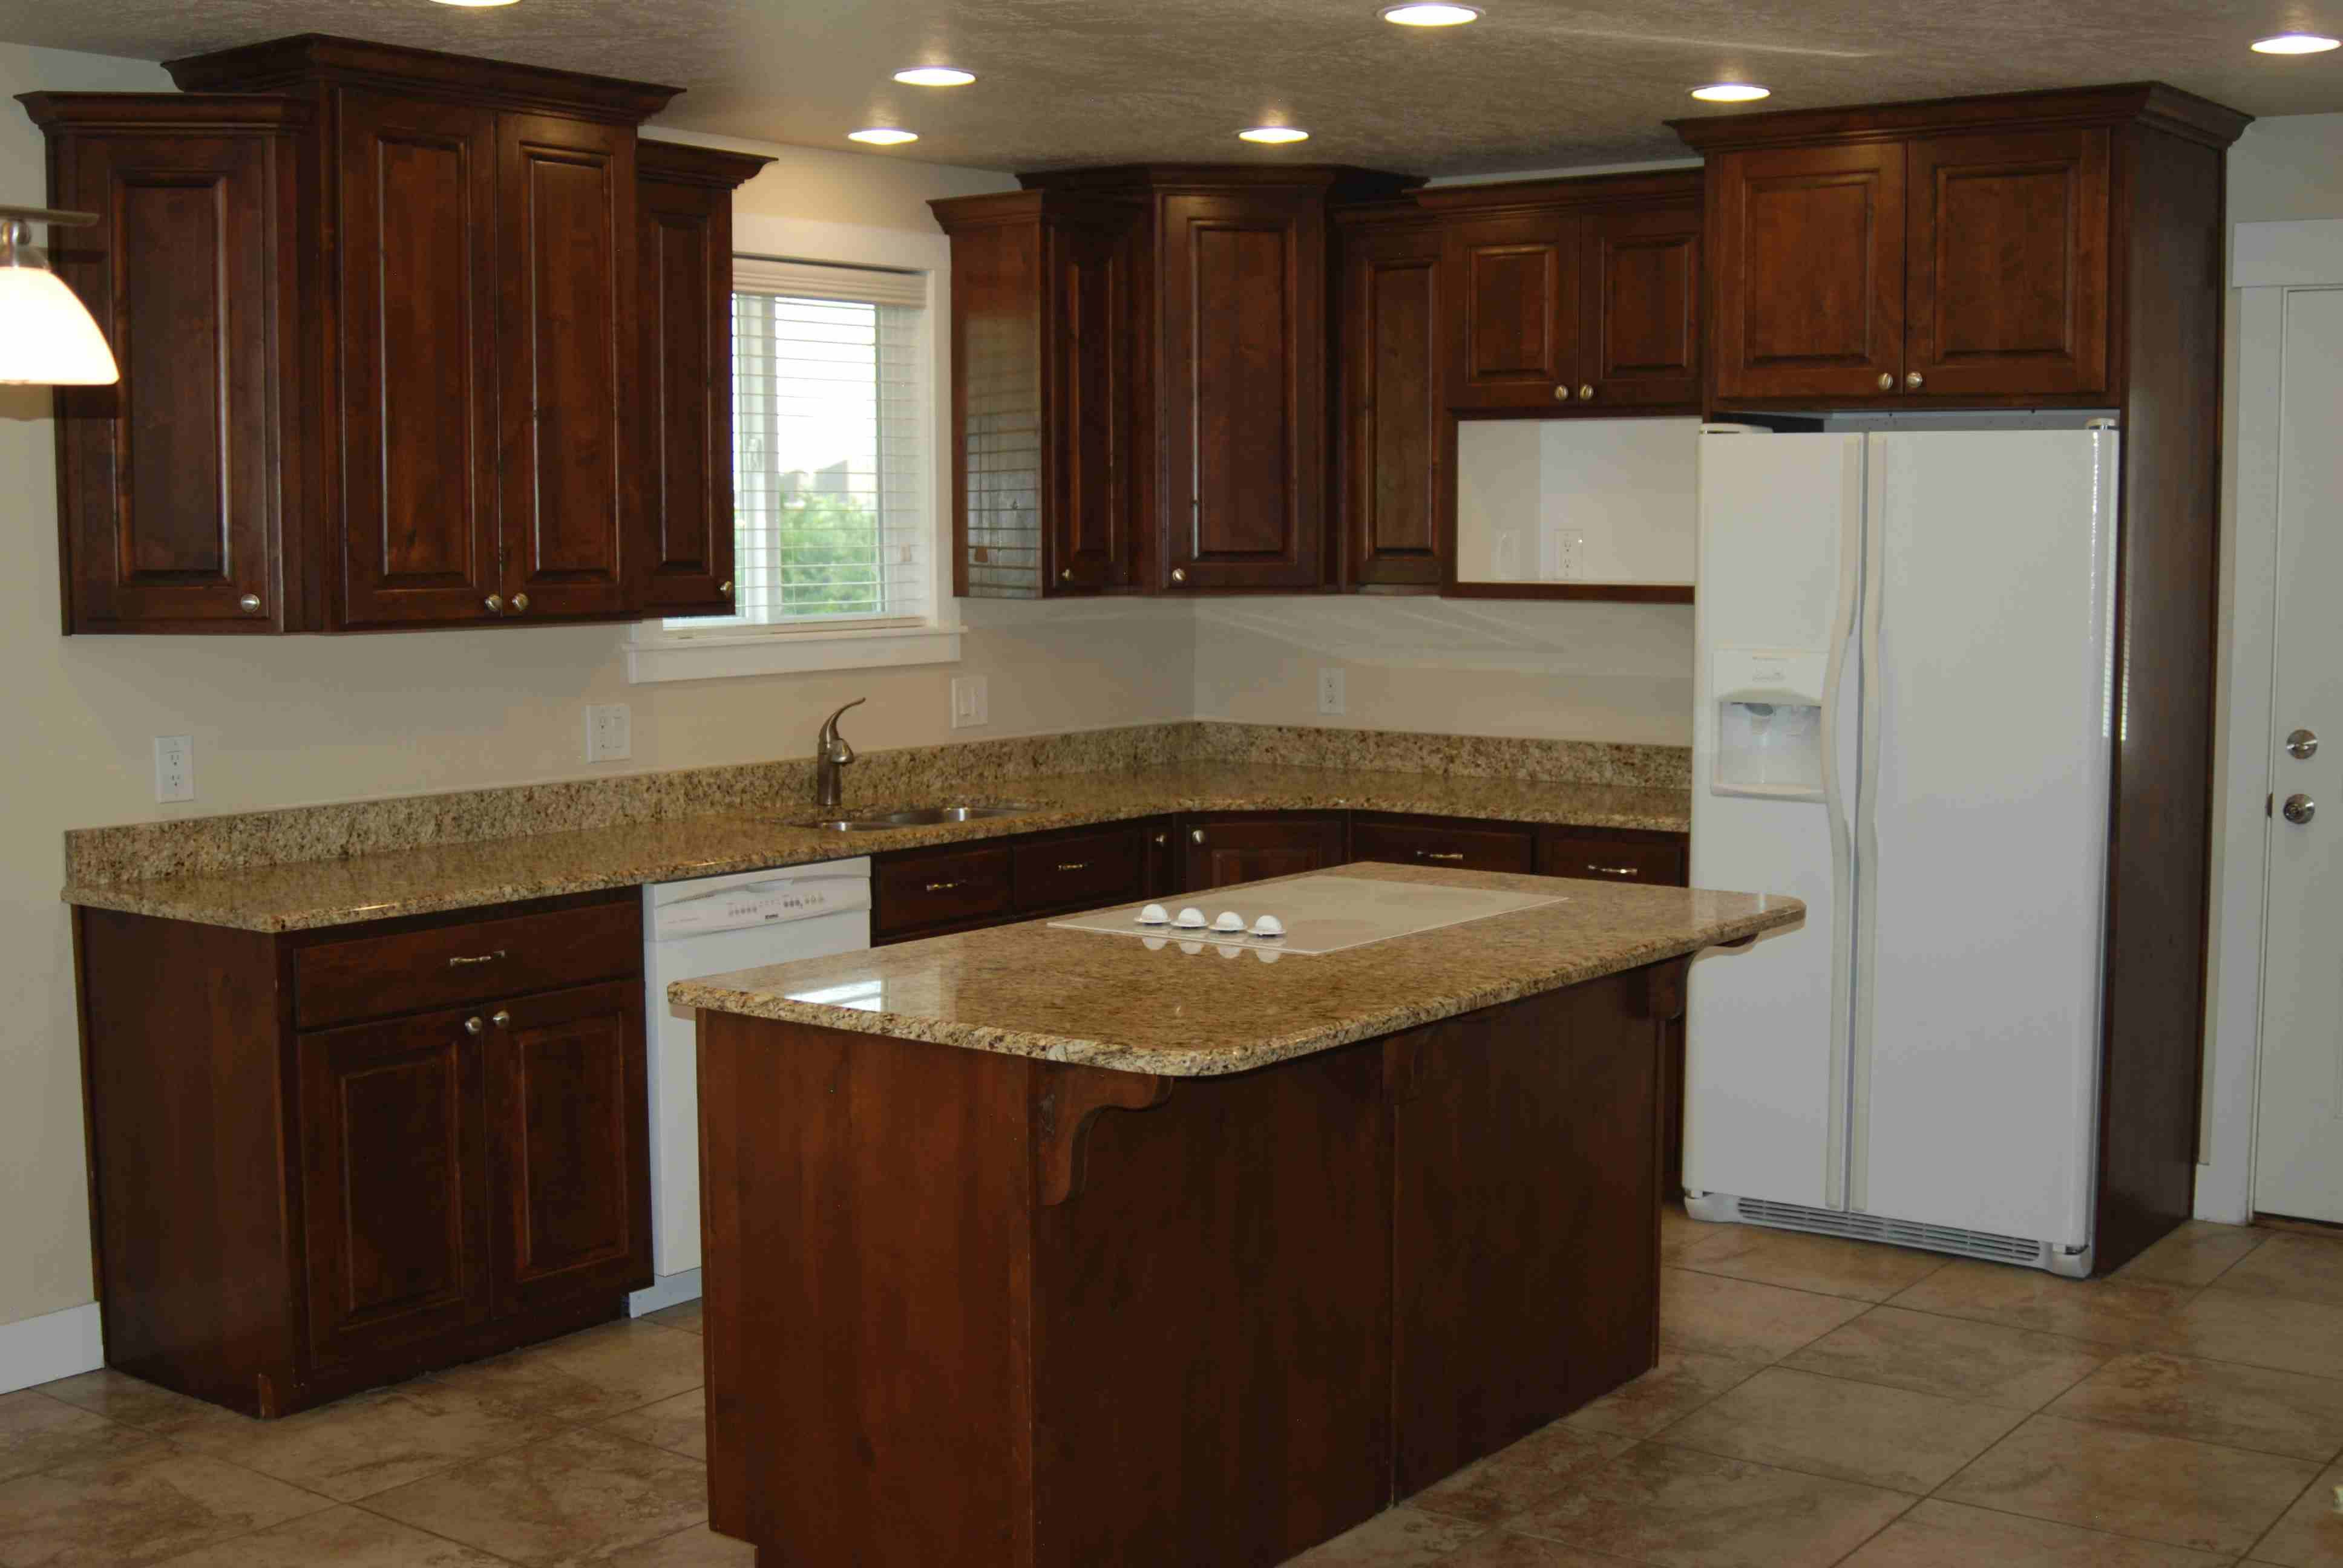 Rambler Kitchen Remodels - Bing Images